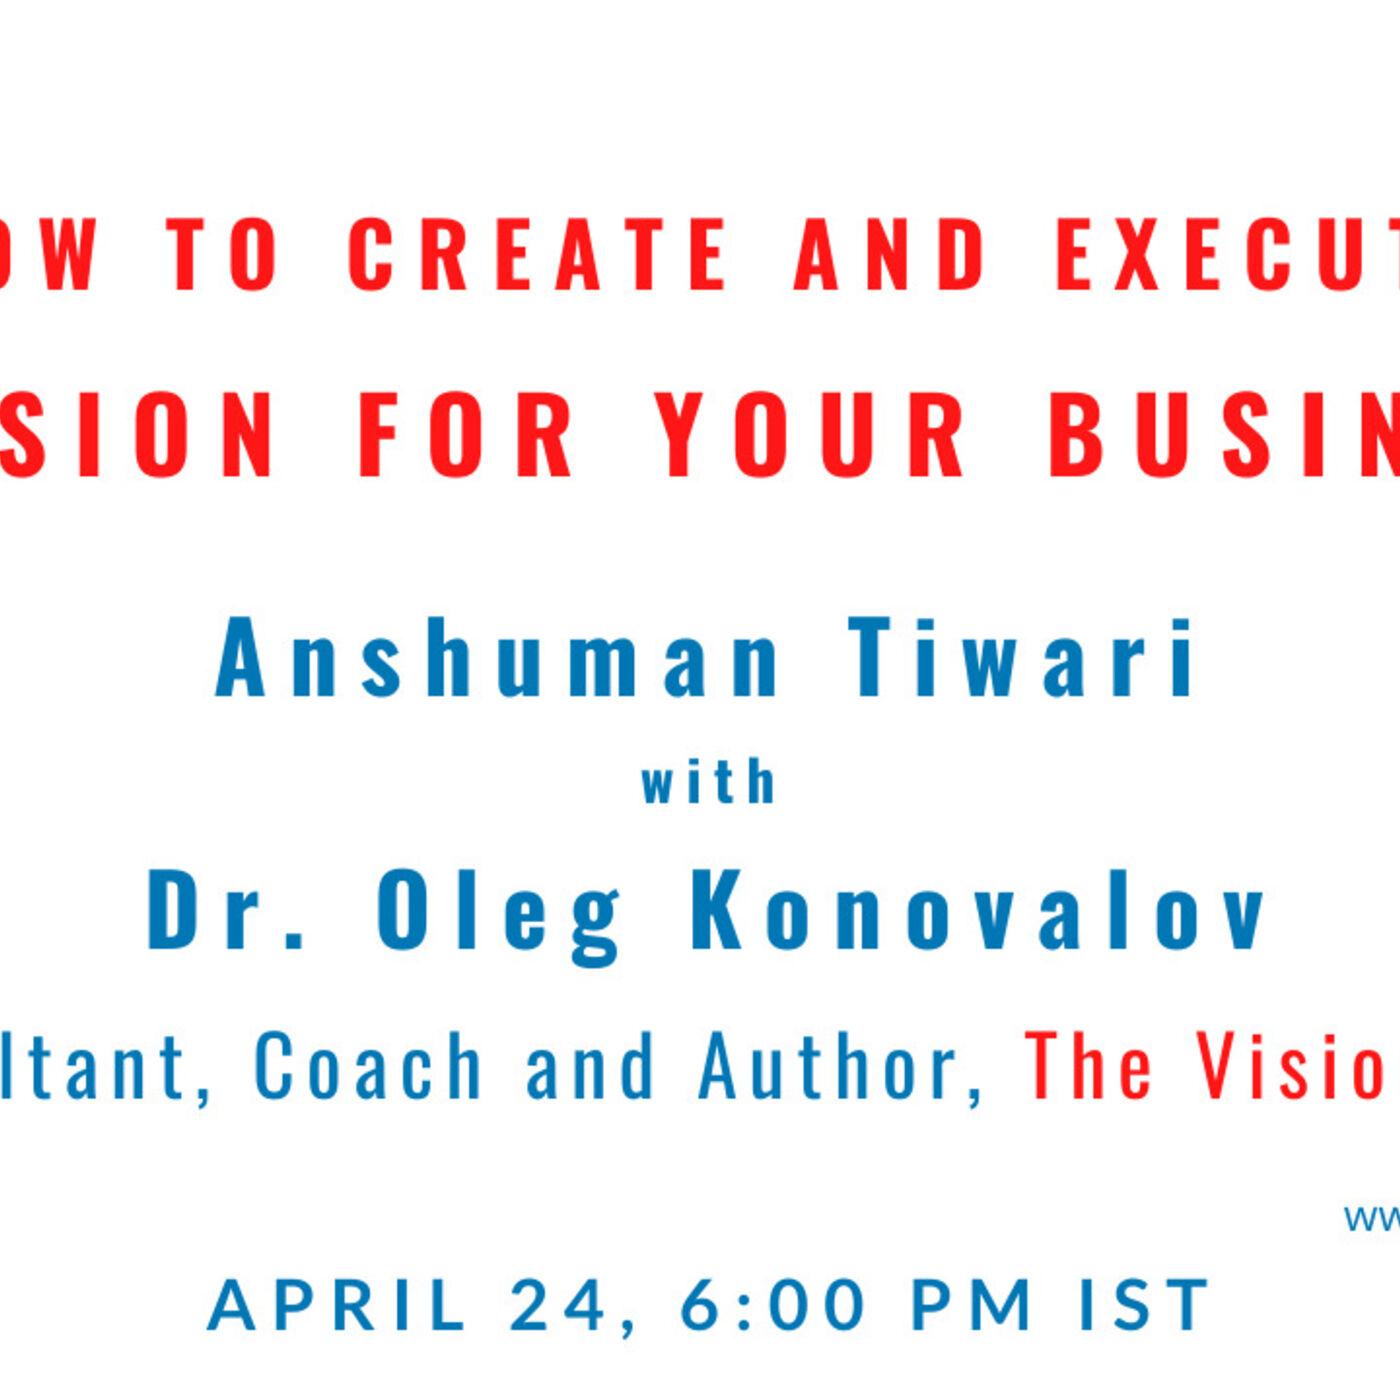 Creating a Vision with Oleg Konovolov